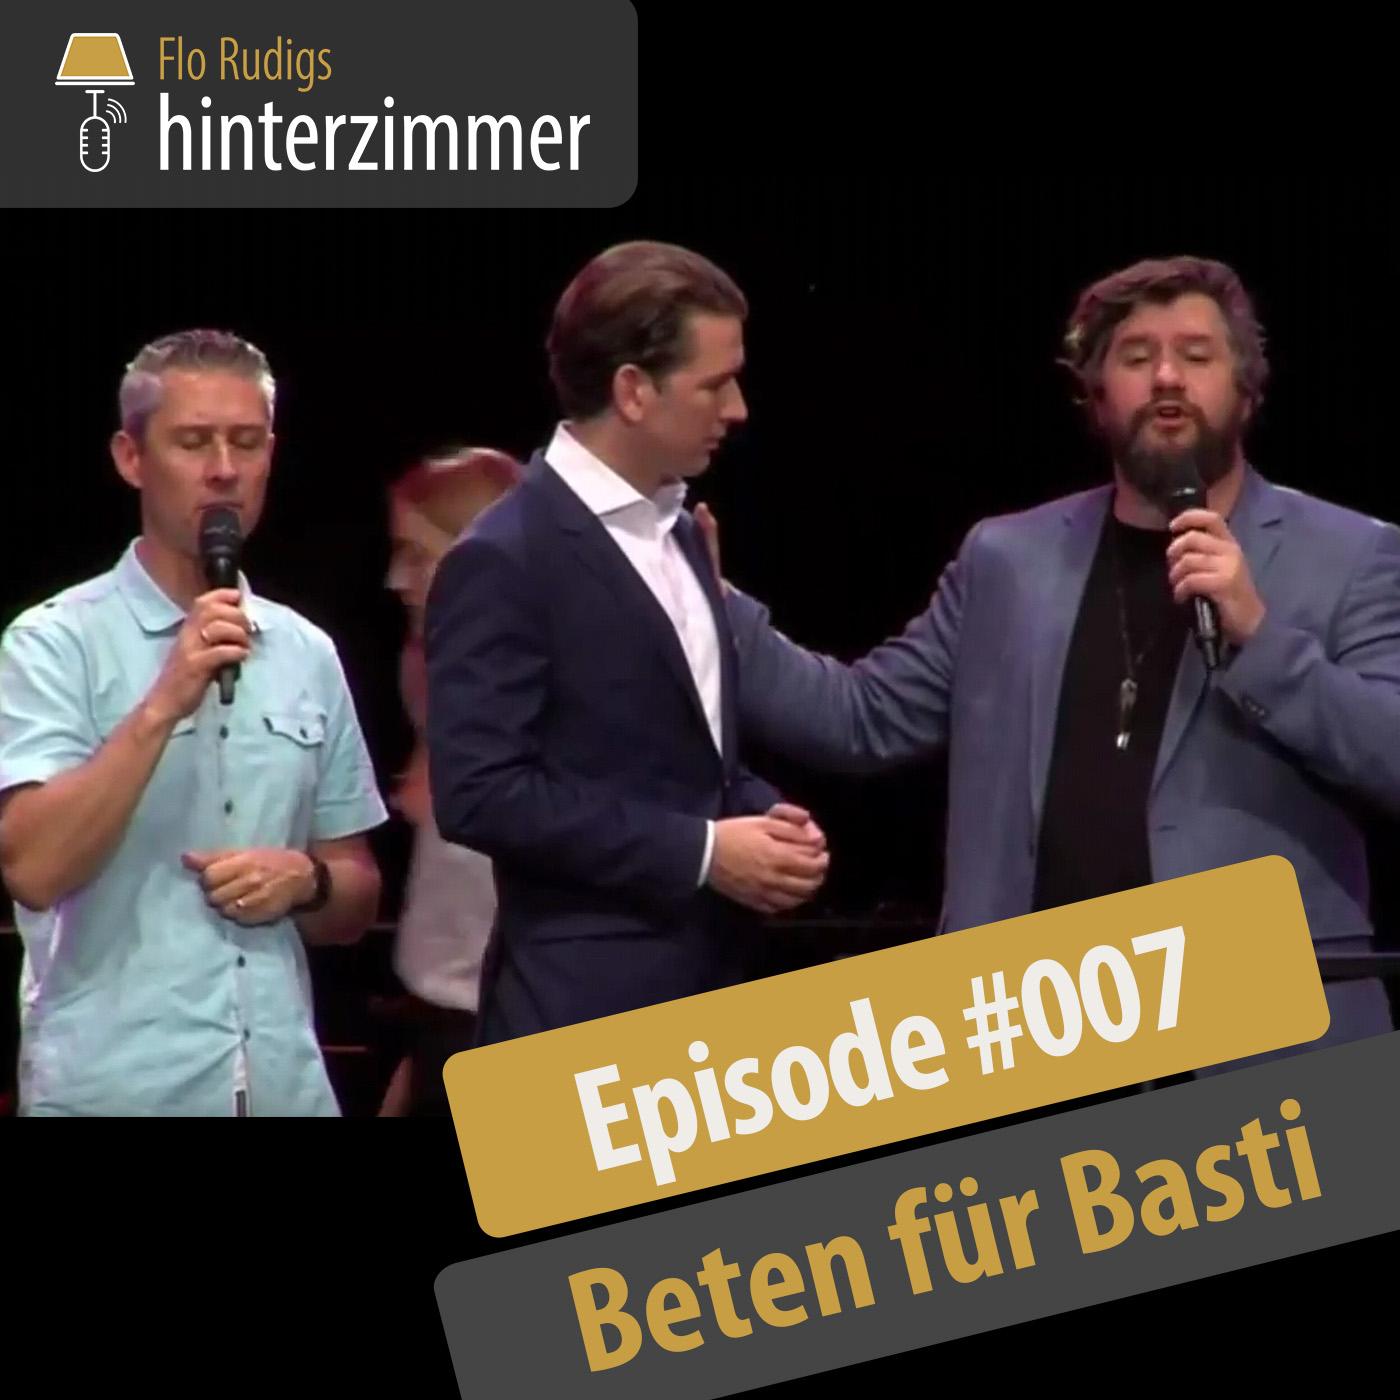 #007 Beten für Basti: Veranstalter Chris Pöschl | Hinterzimmer